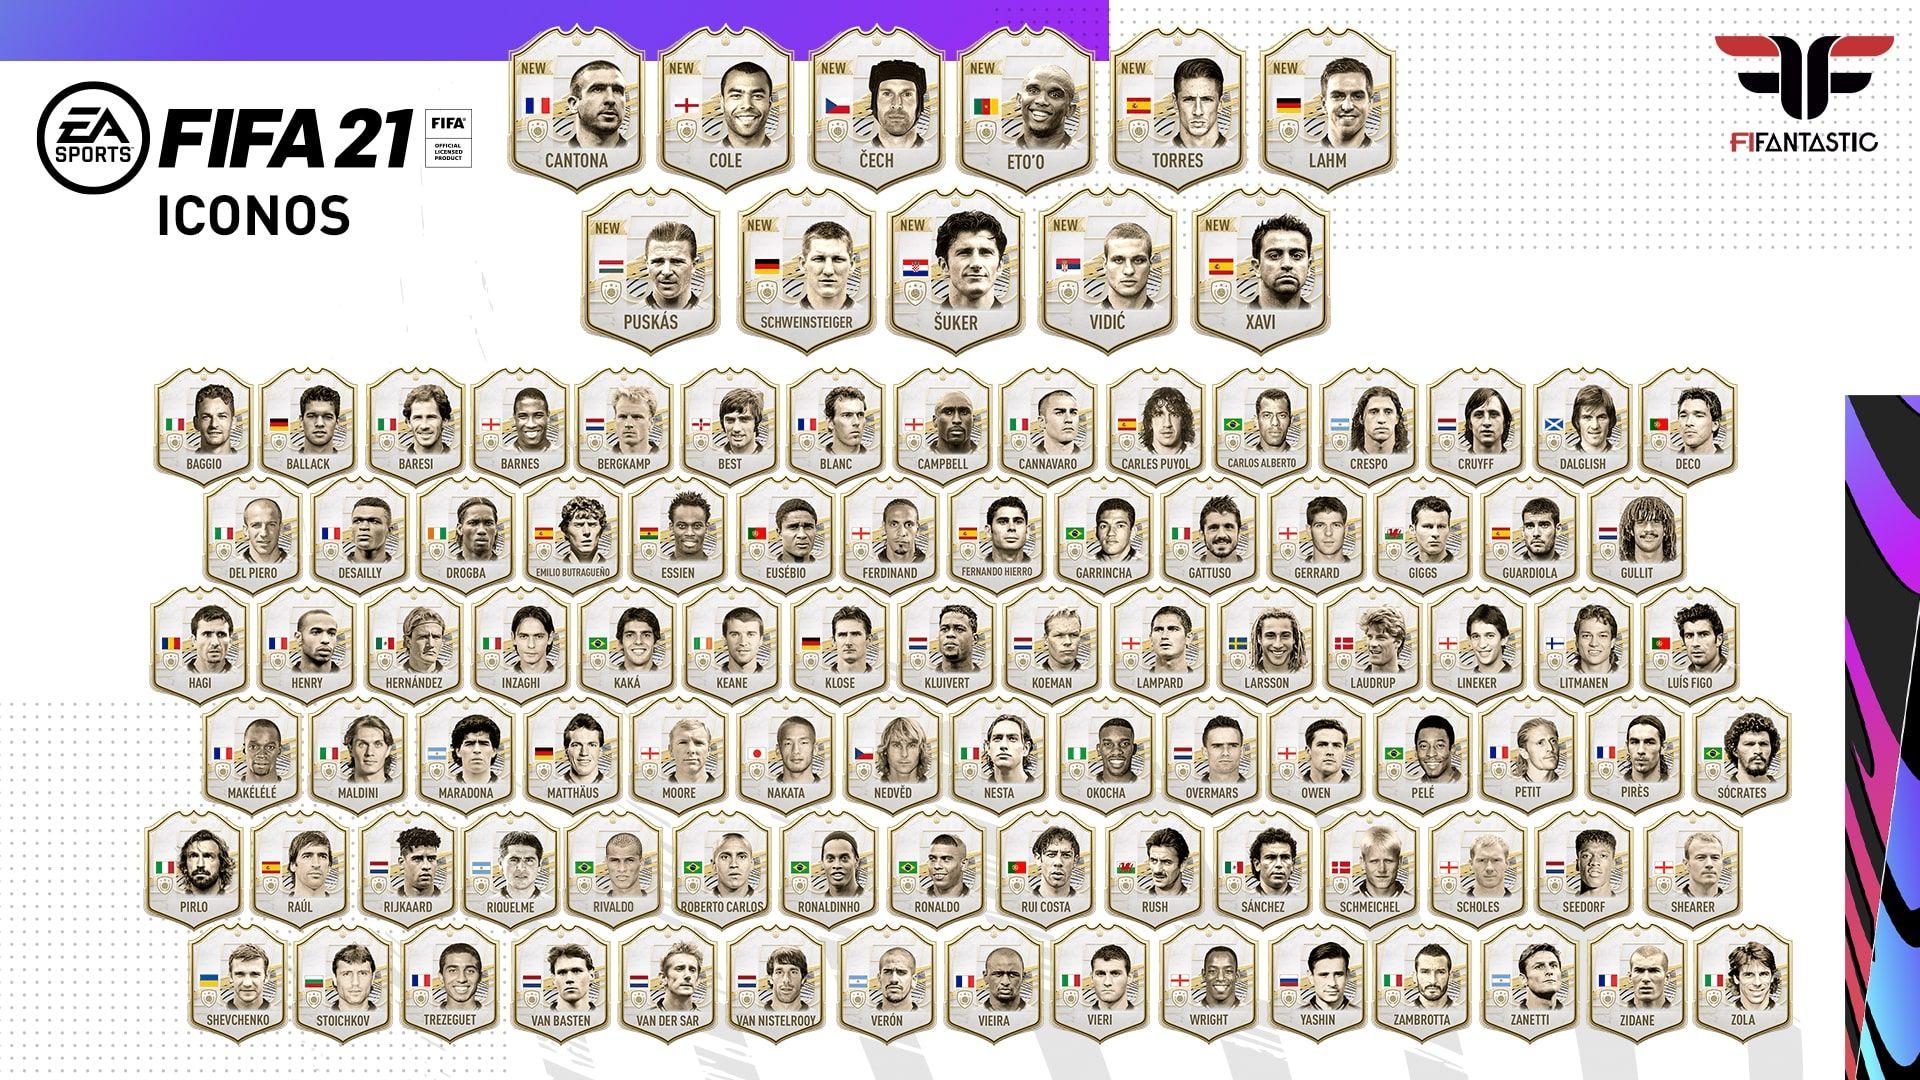 Iconos de FIFA 21 Ultimate Team